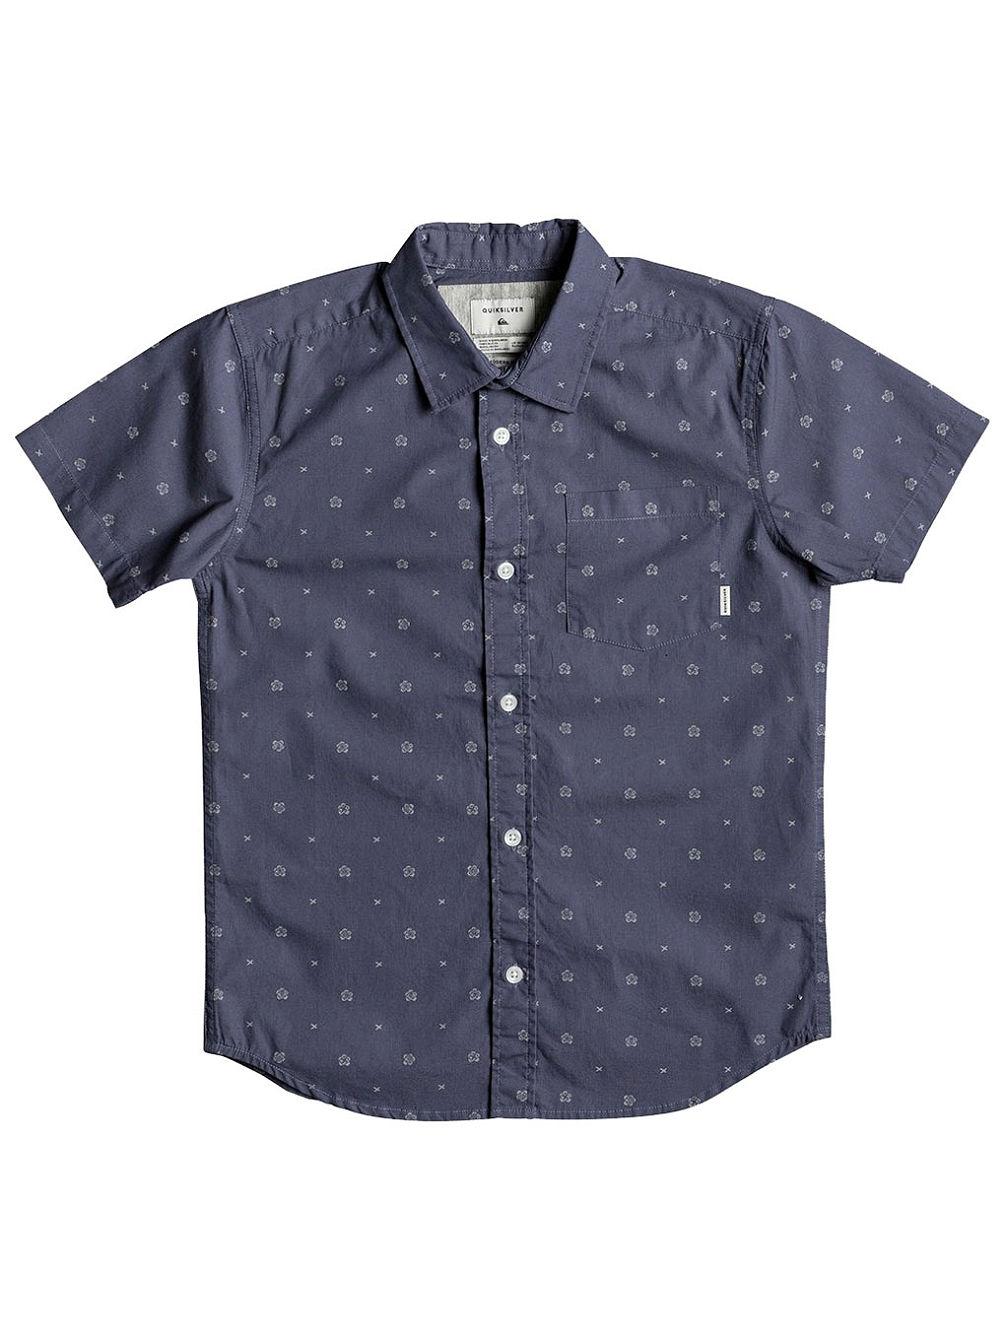 Quiksilver Kamanoa Hemd Jungen